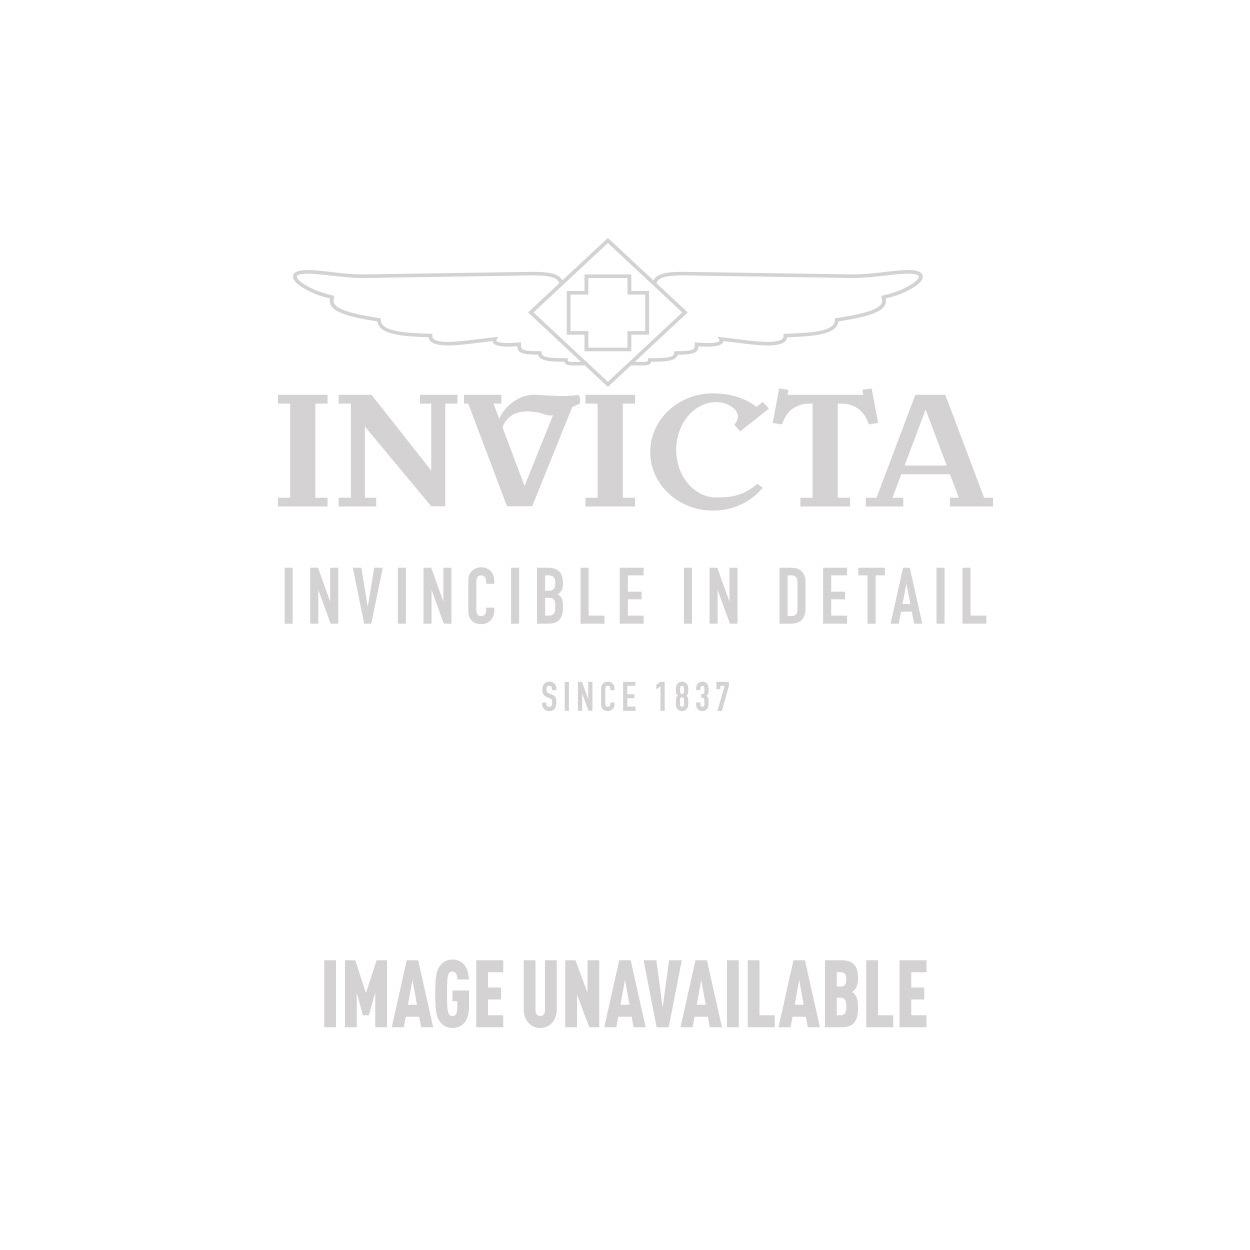 Invicta Model 27880